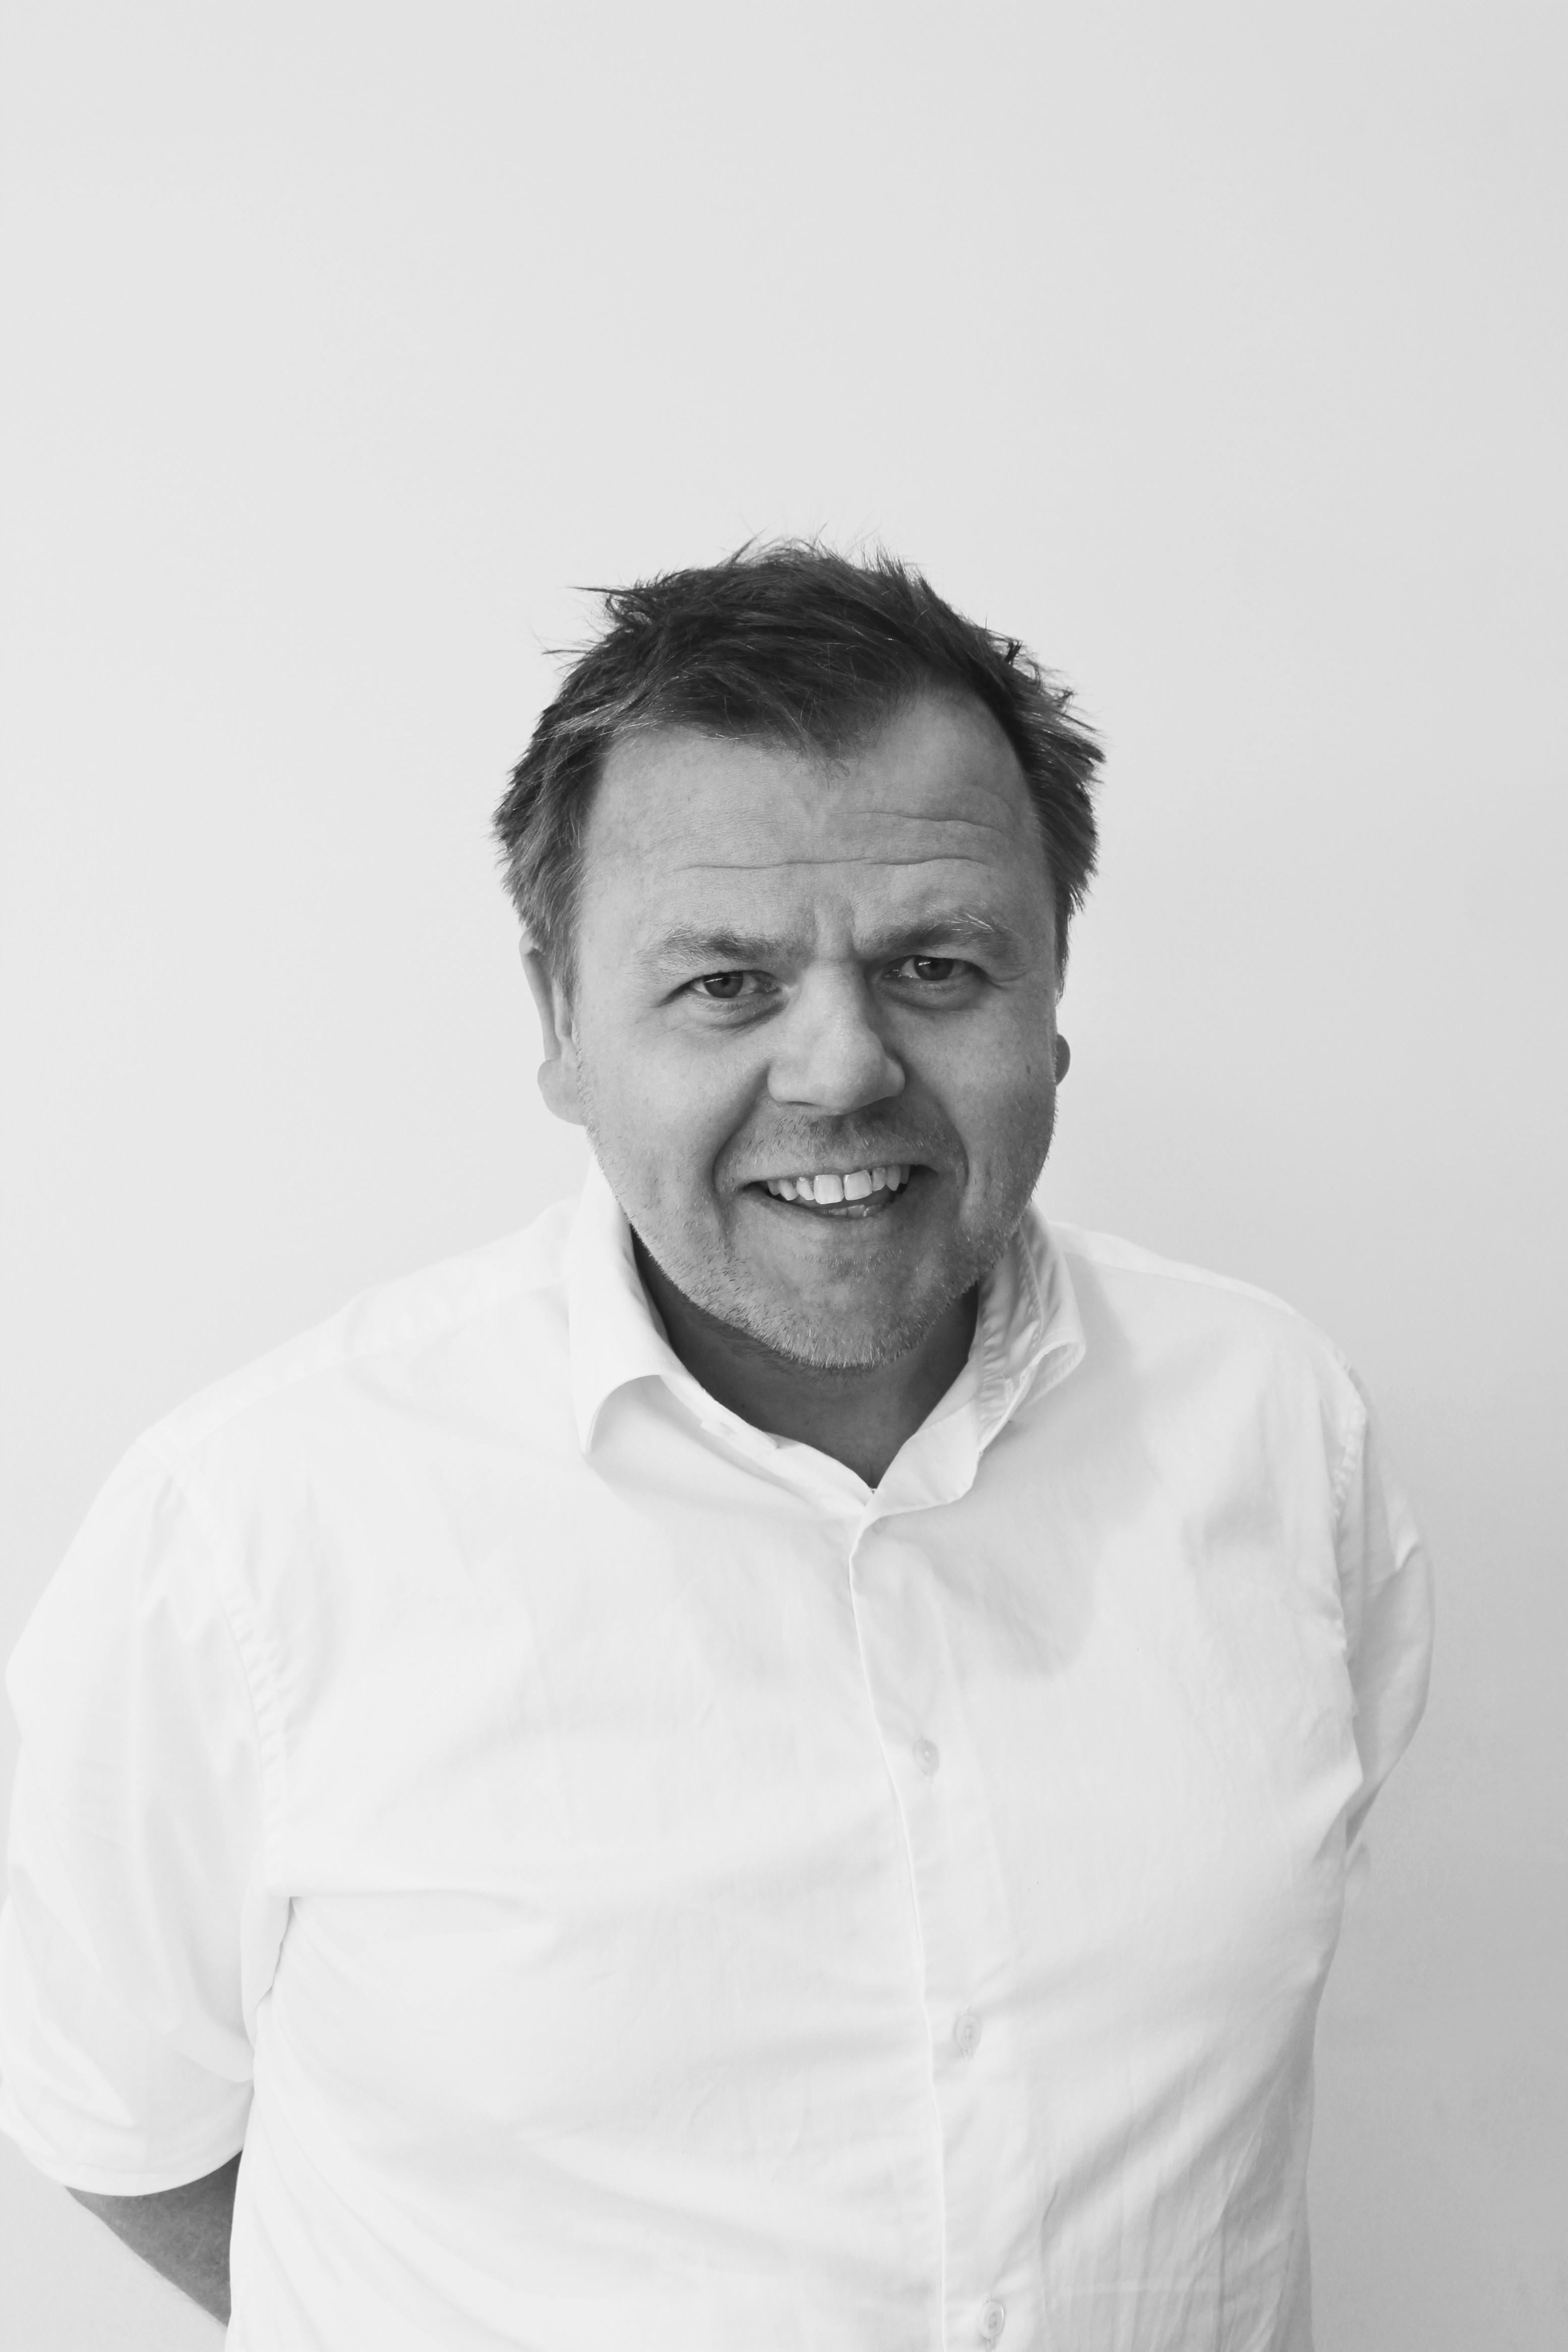 Erik Diesen